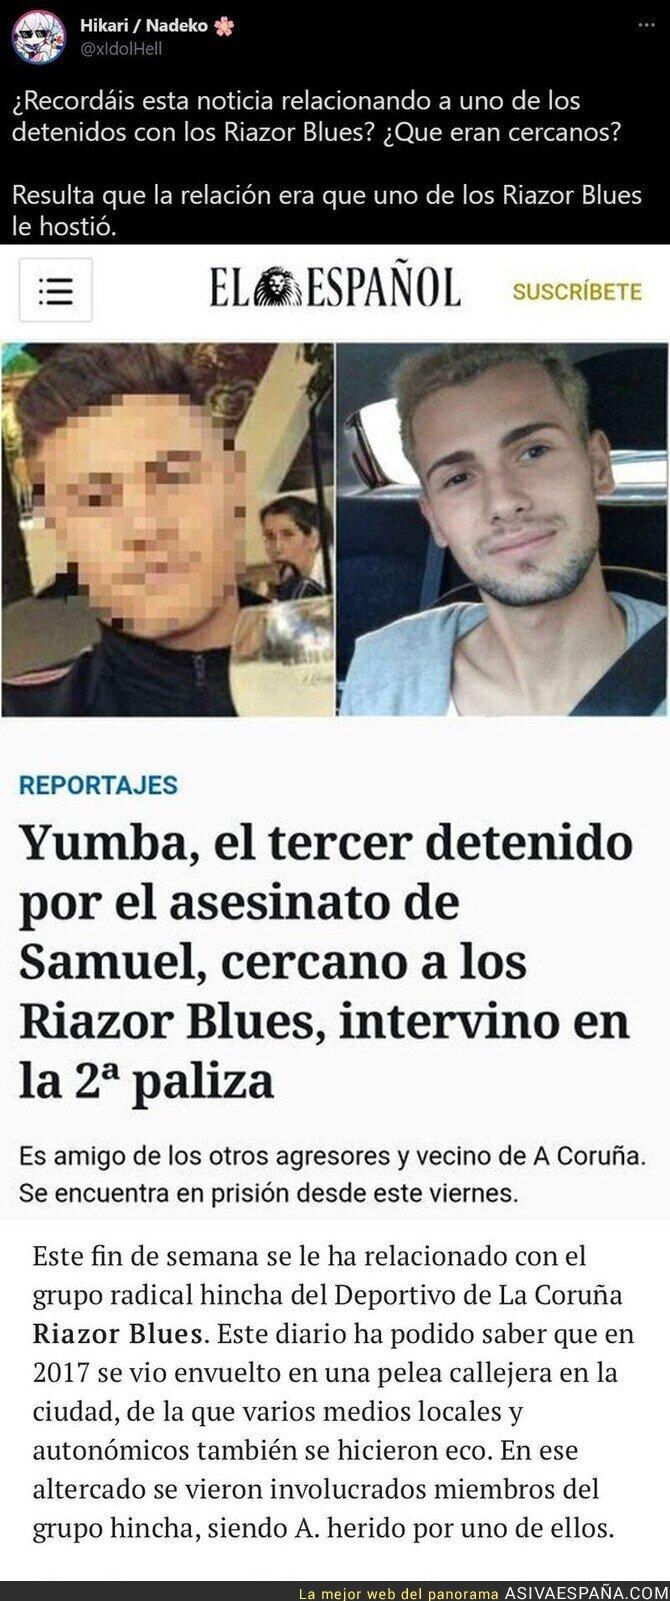 833859 - Así ha manipulado 'El Español' con el supuesto asesino de Samuel relacionándolo con los 'Riazor Blues'